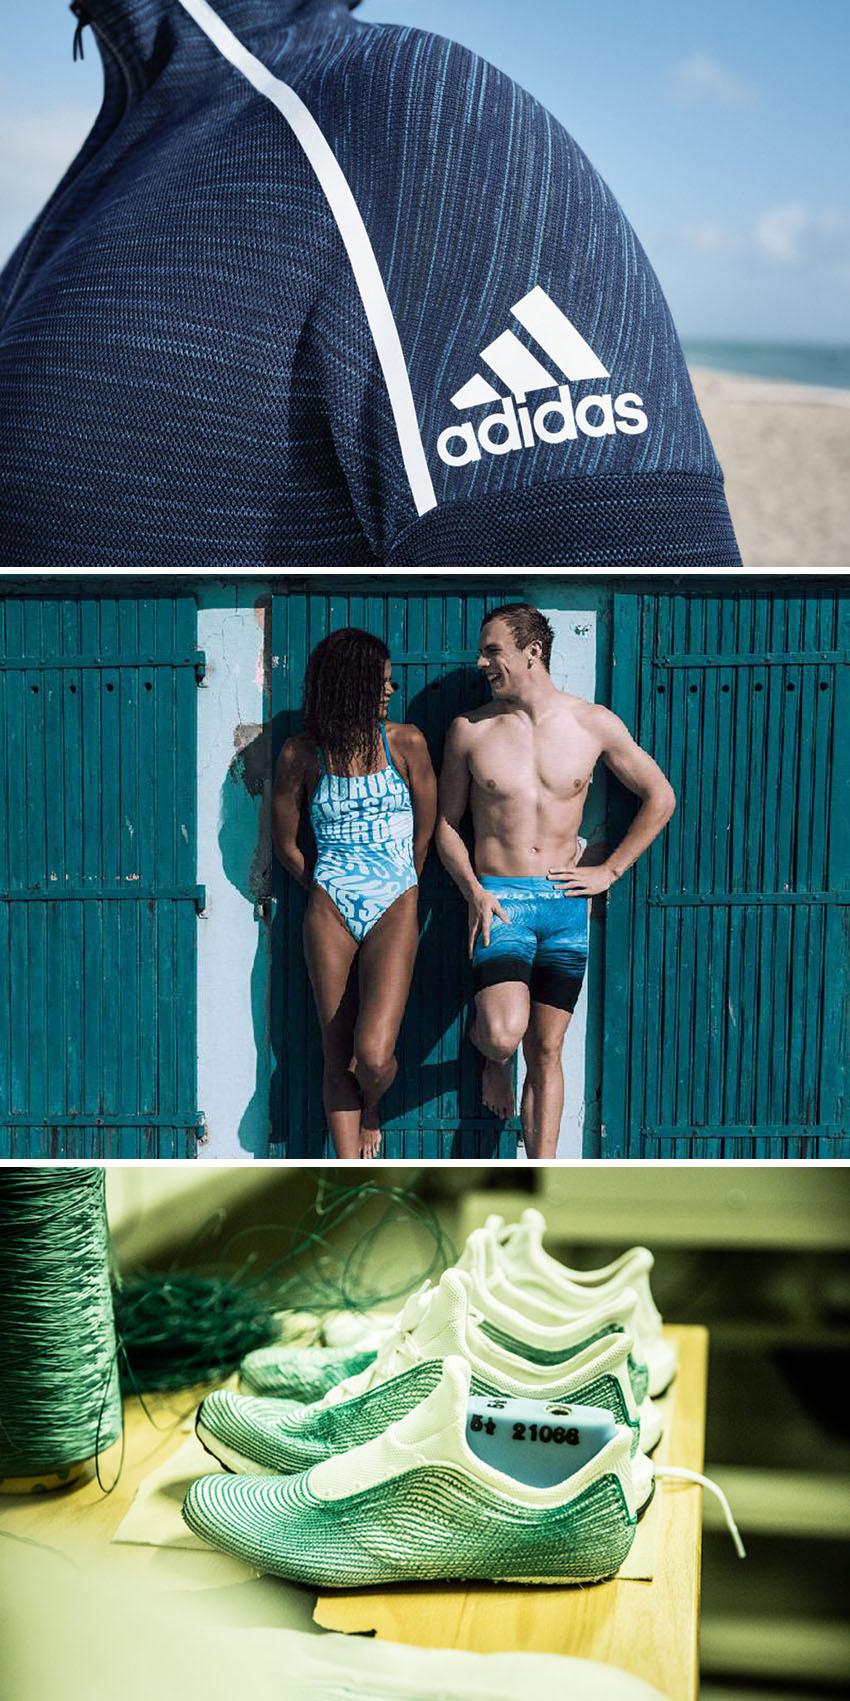 A decisão da Adidas de utilizar somente poliéster reciclado poderia influenciar toda indústria da moda Stylo Urbano